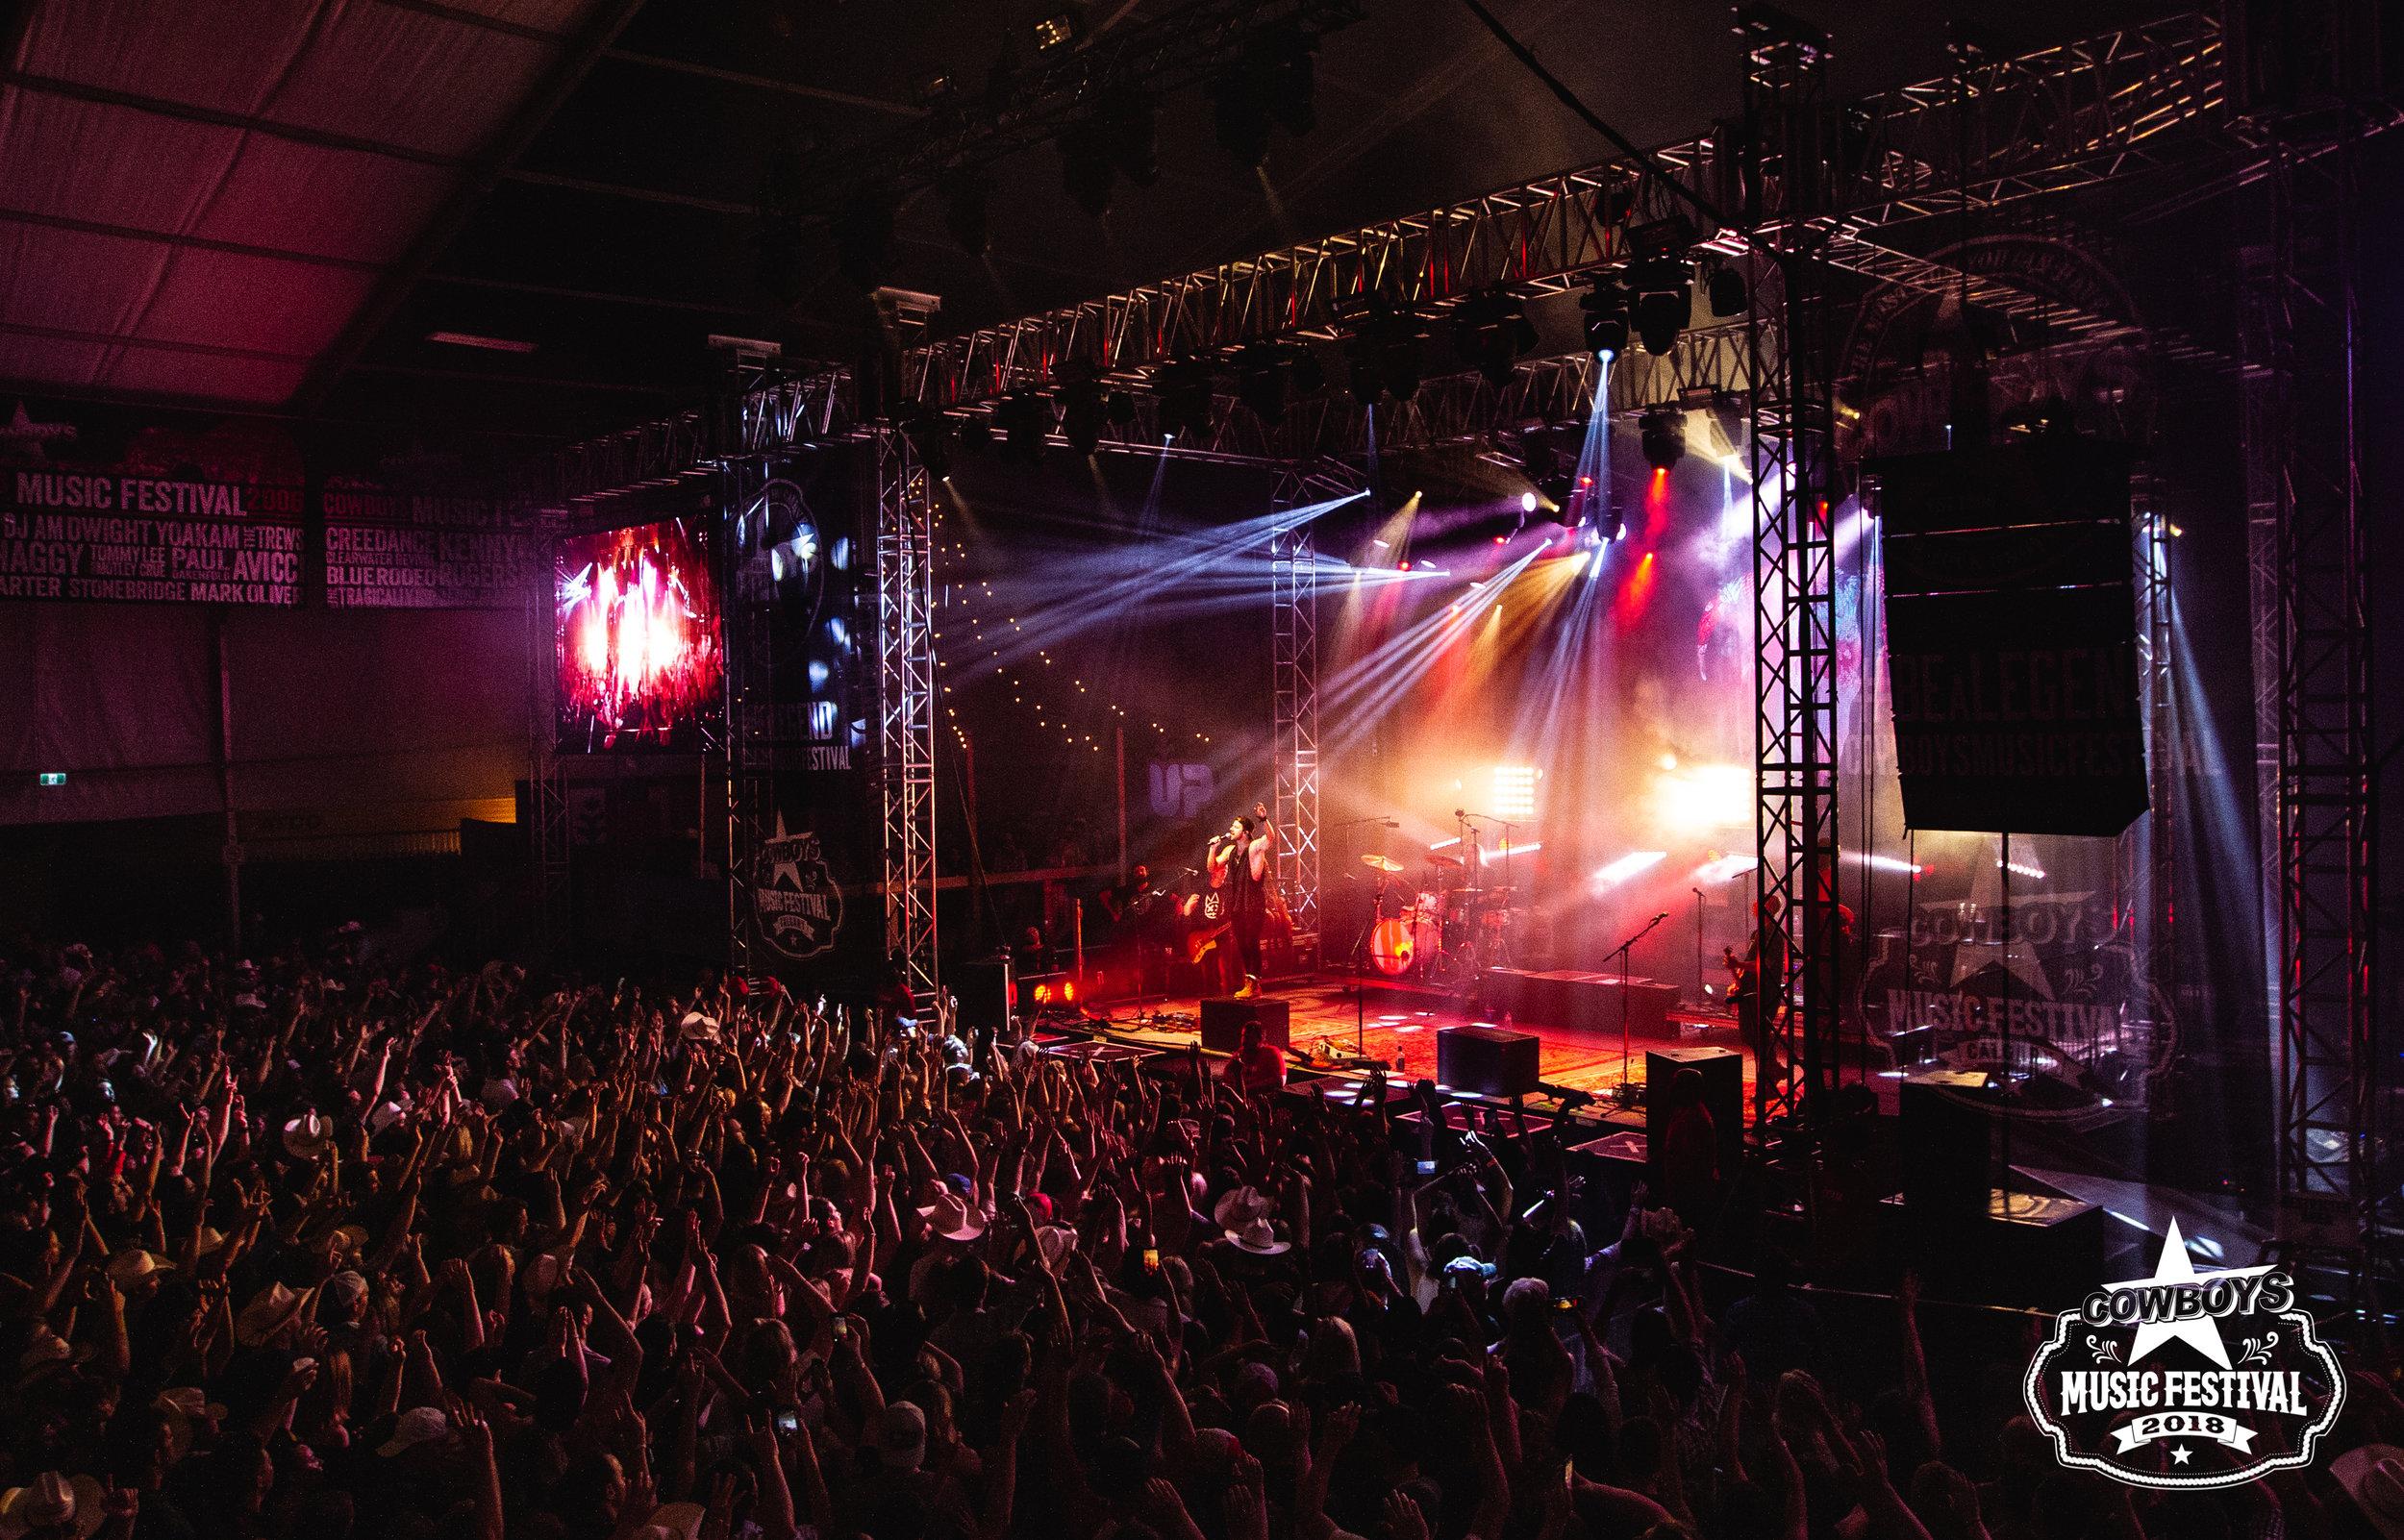 Cowboys Music Festival: Tent Venue